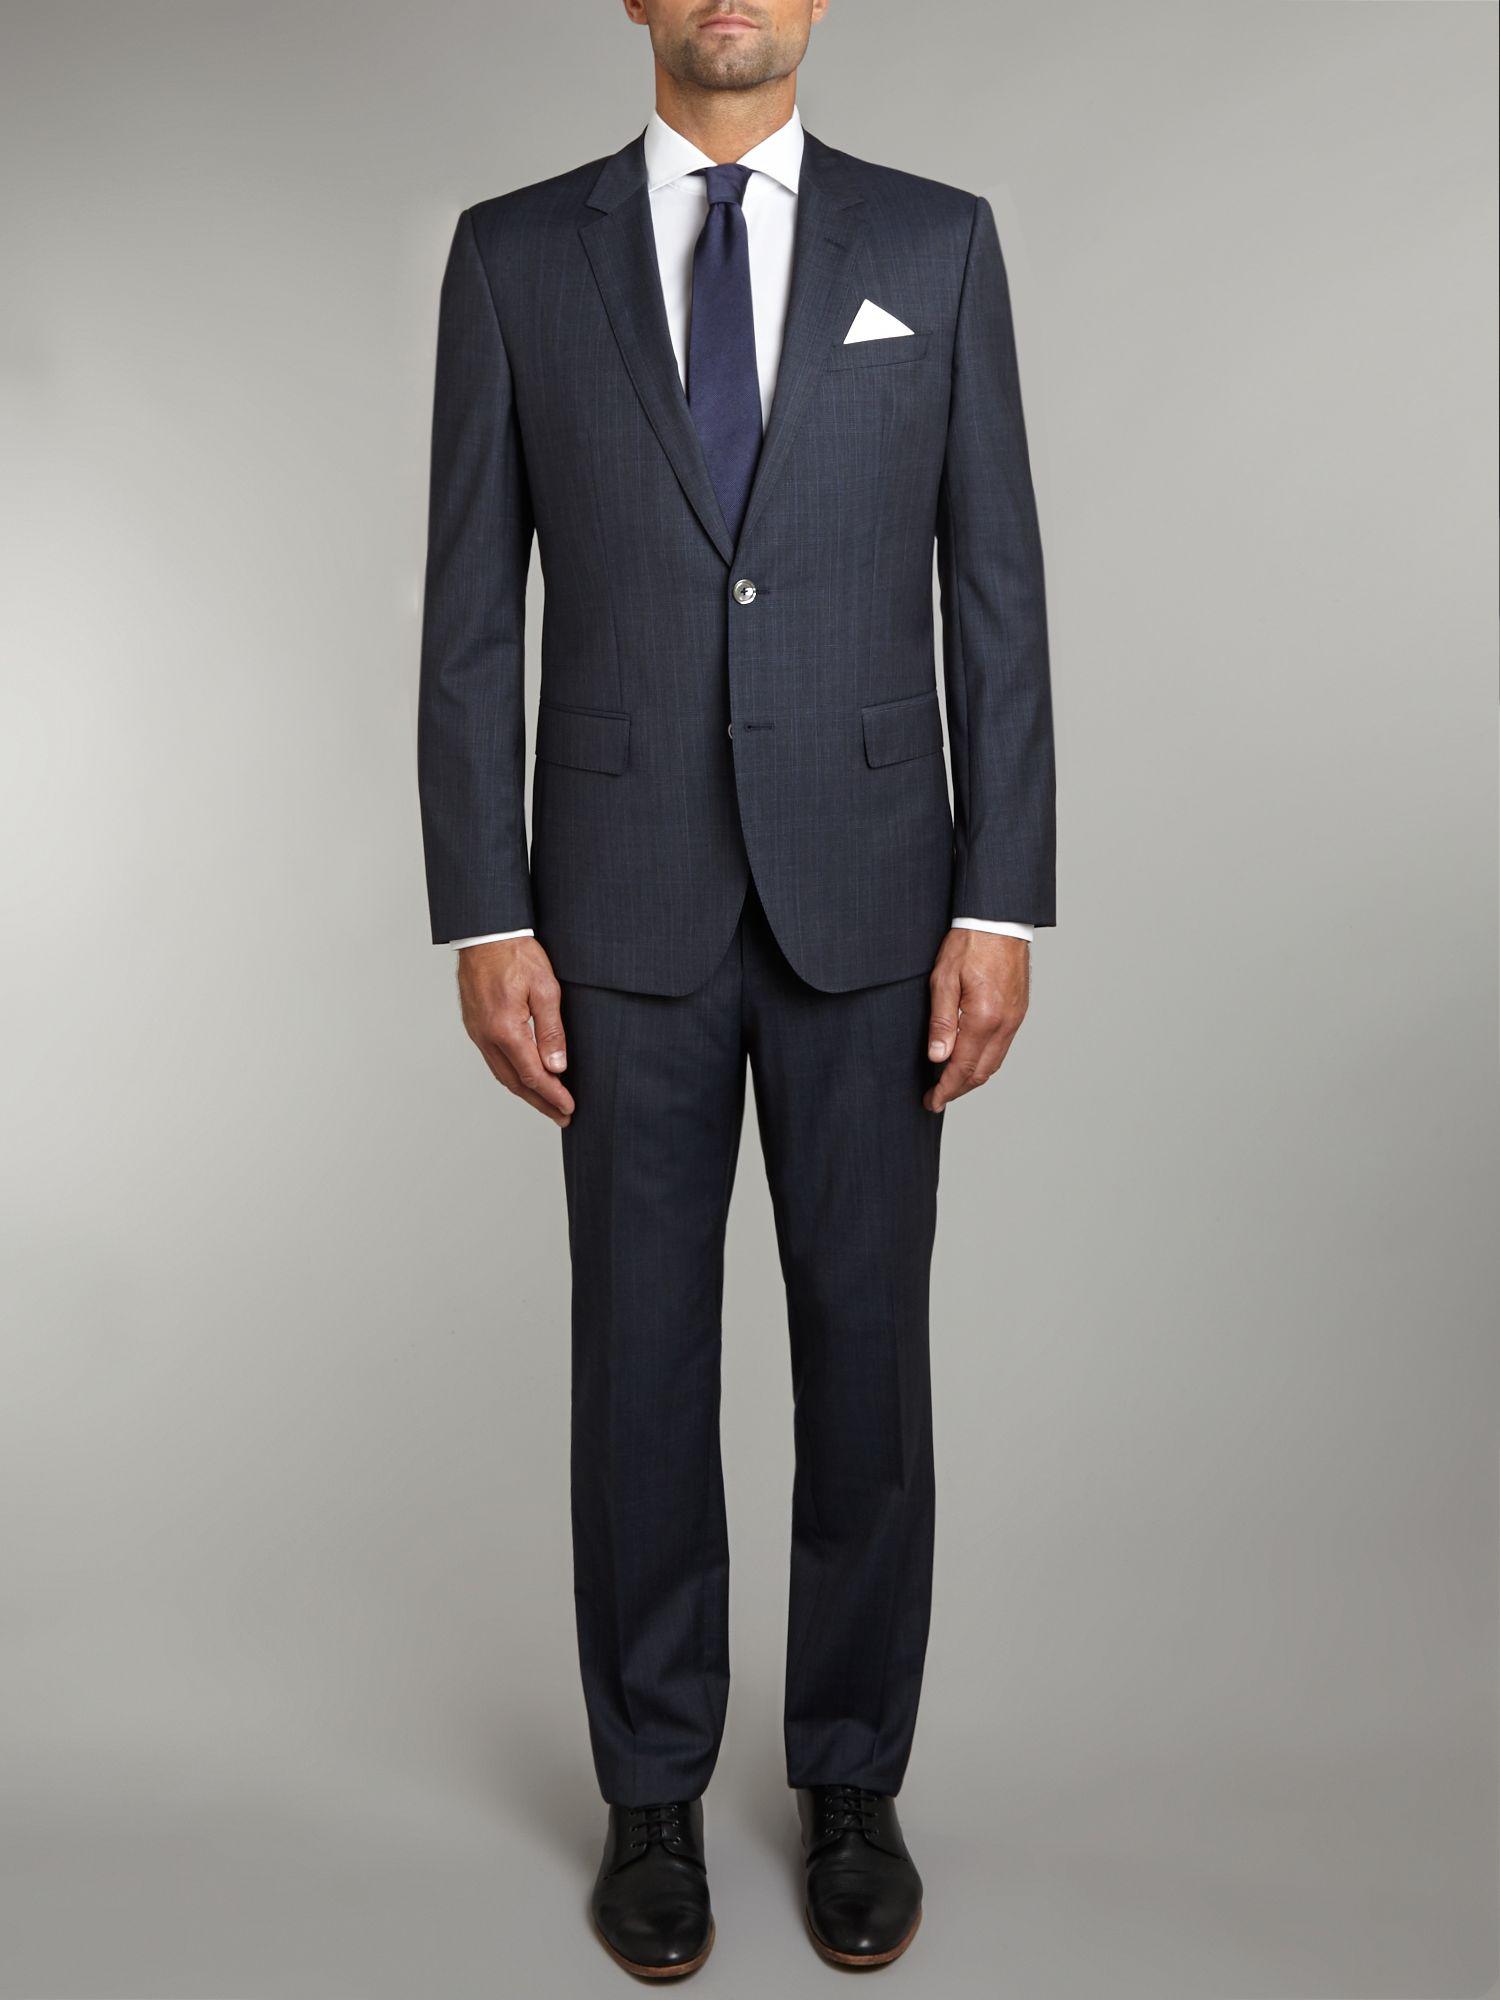 hugo boss hustongander slim fit subtle check suit in blue for men. Black Bedroom Furniture Sets. Home Design Ideas